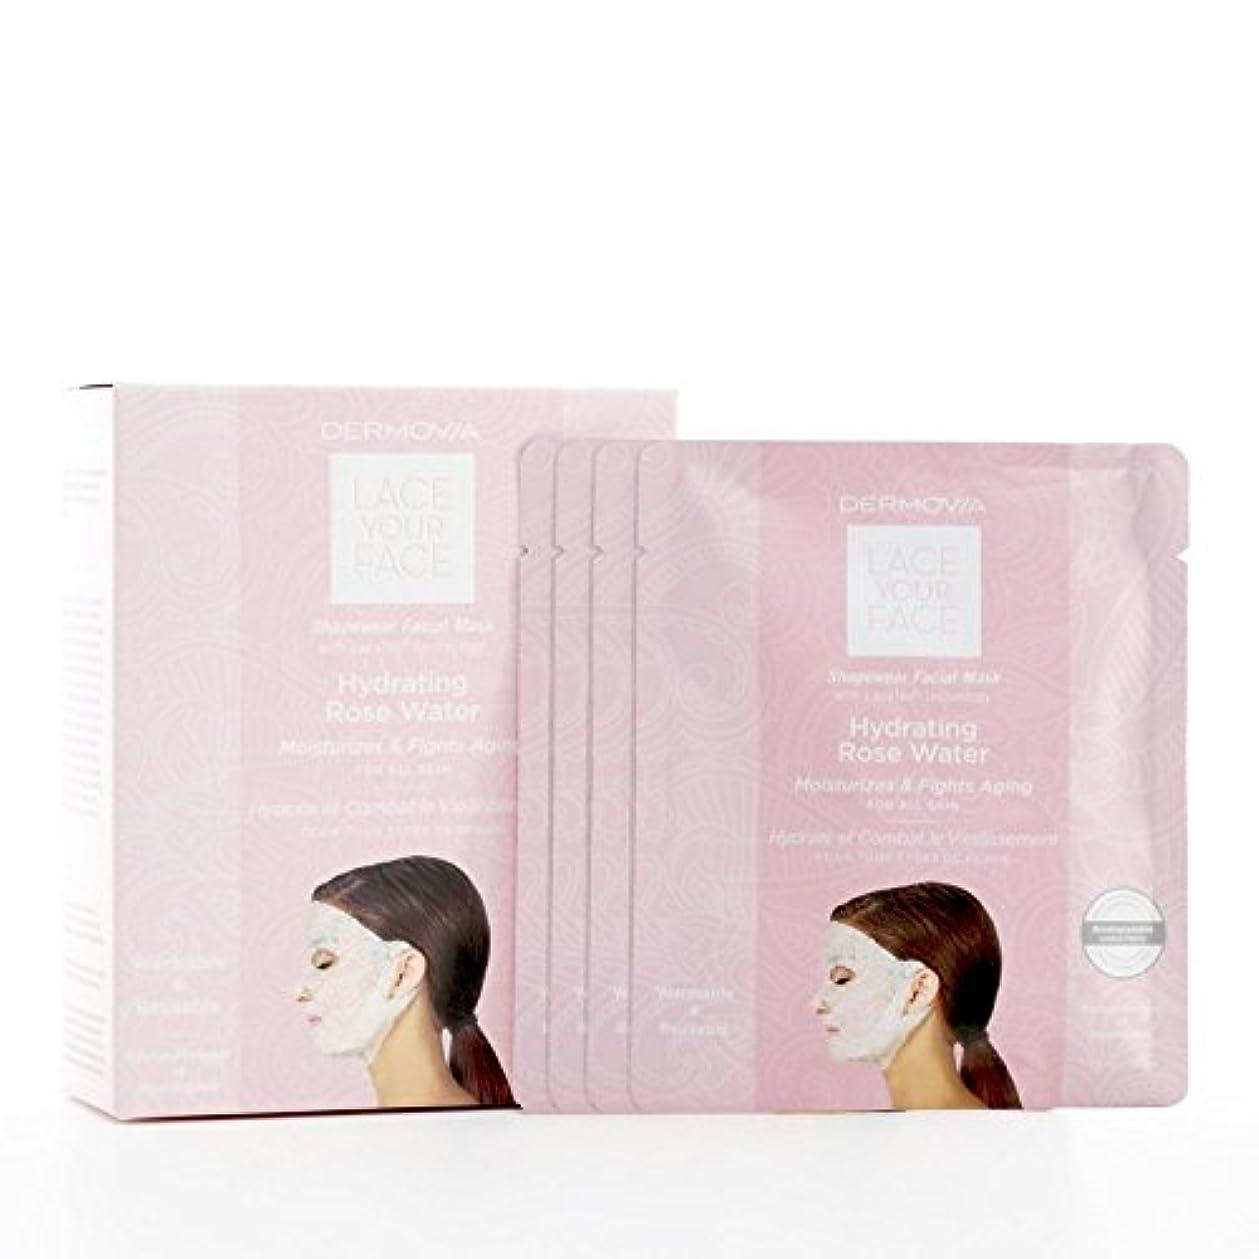 スペクトラム動脈聴覚障害者Dermovia Lace Your Face Compression Facial Mask Hydrating Rose Water (Pack of 6) - は、あなたの顔の圧縮フェイシャルマスク水和が水をバラレース...